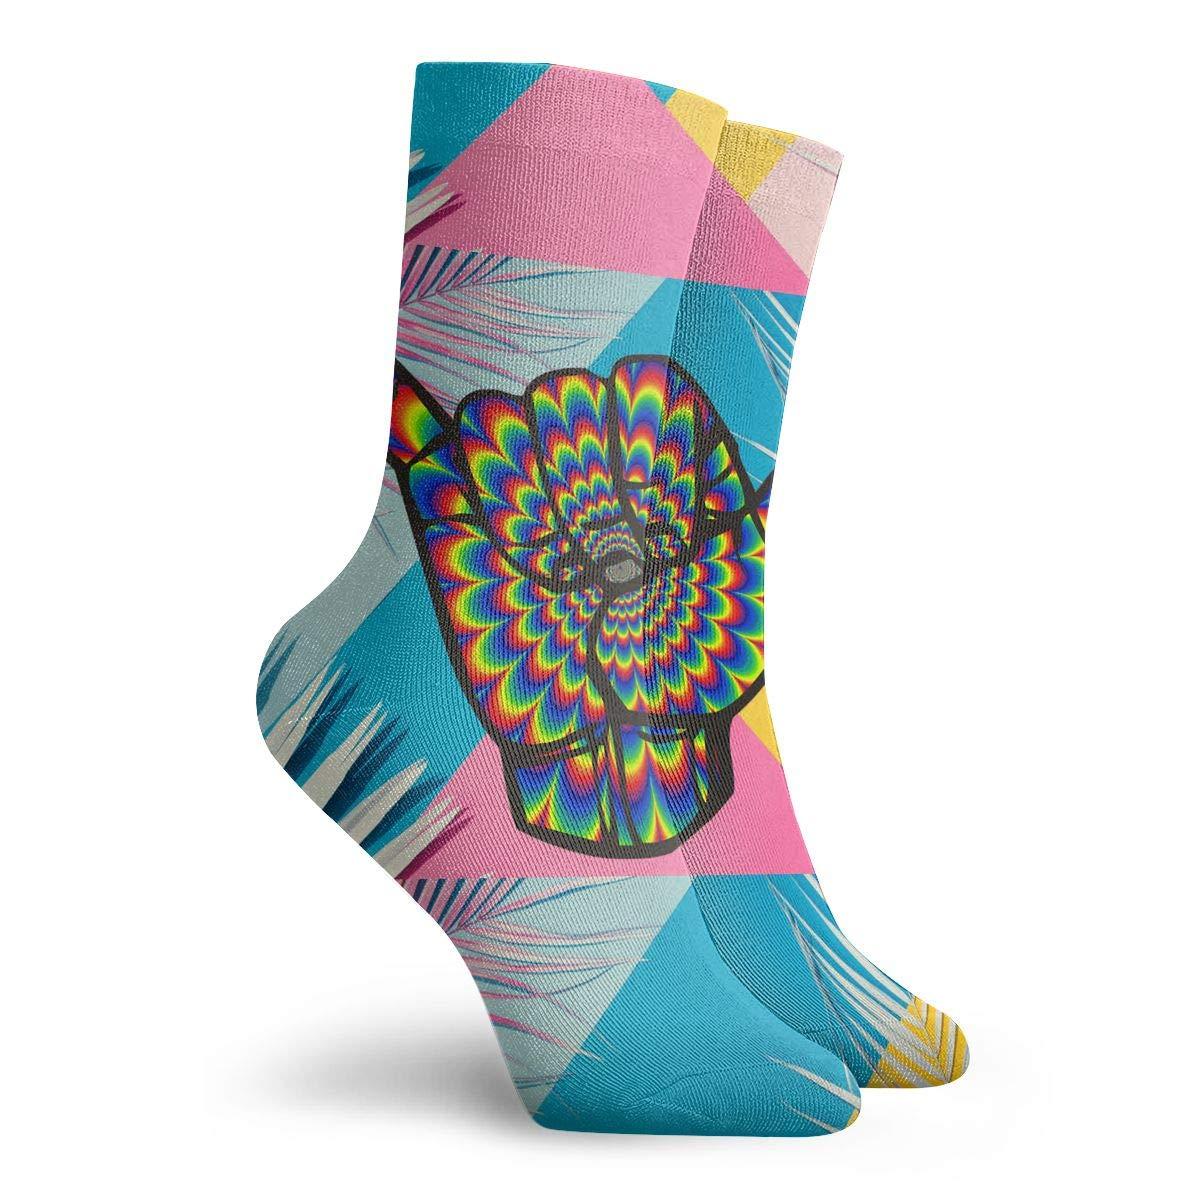 Shaka Sign Fashion Dress Socks Short Socks Leisure Travel 11.8 Inch